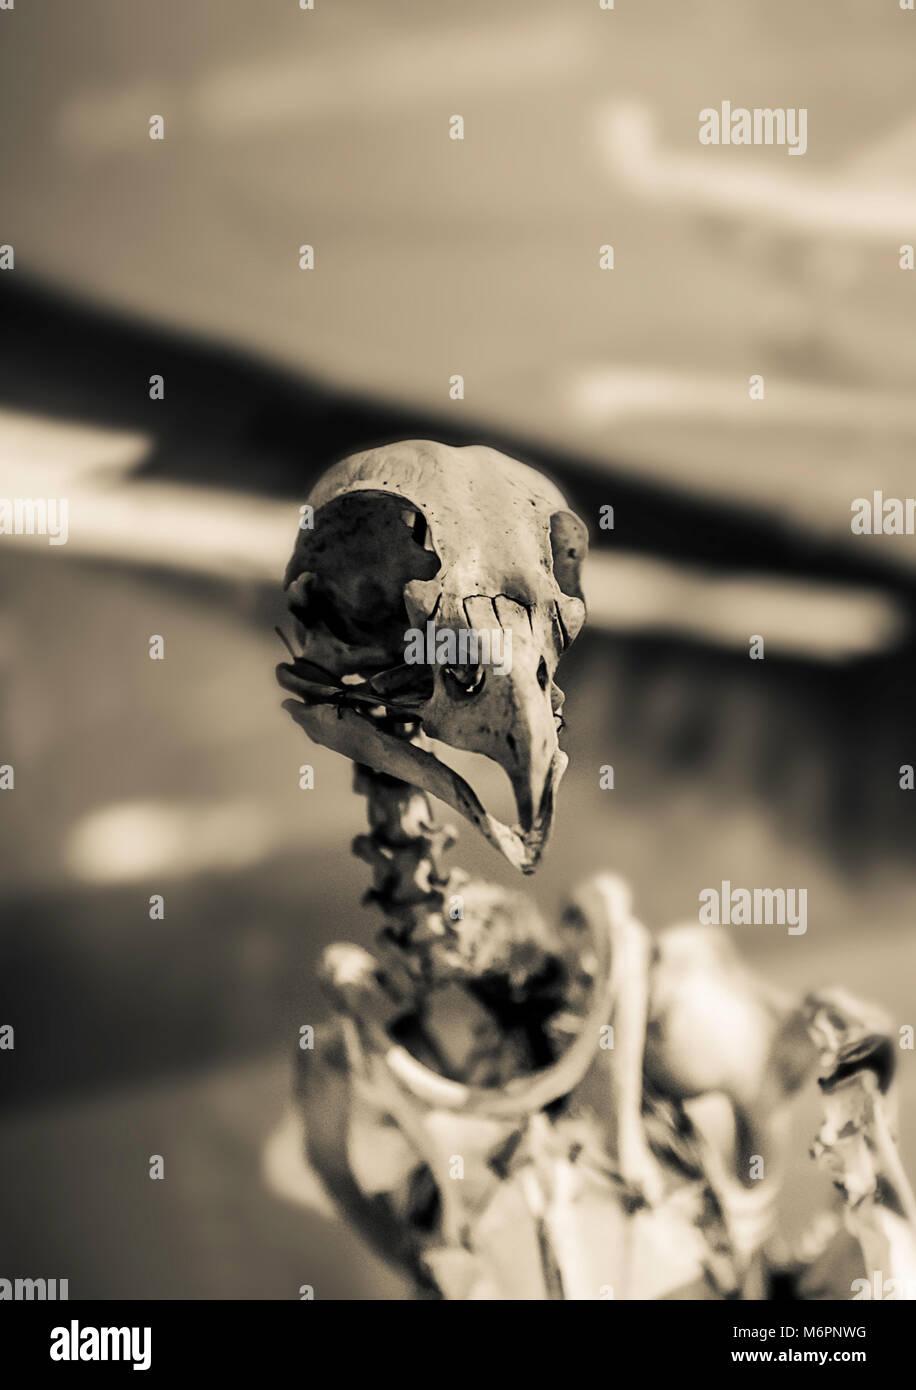 bird skeleton sepia tones - Stock Image